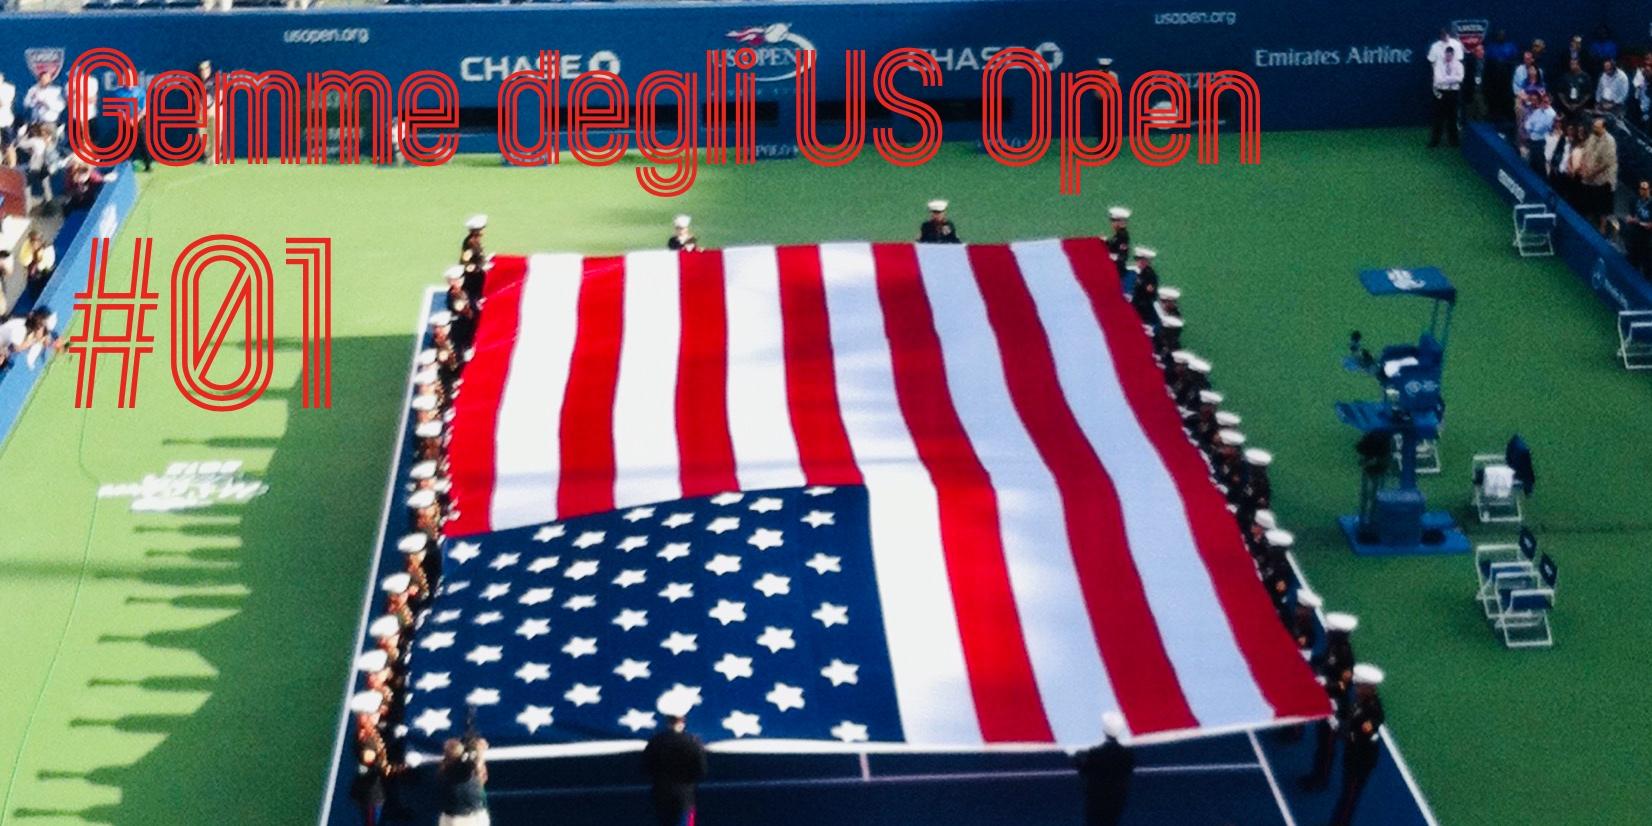 Gemme degli US Open #1 - settesei.it